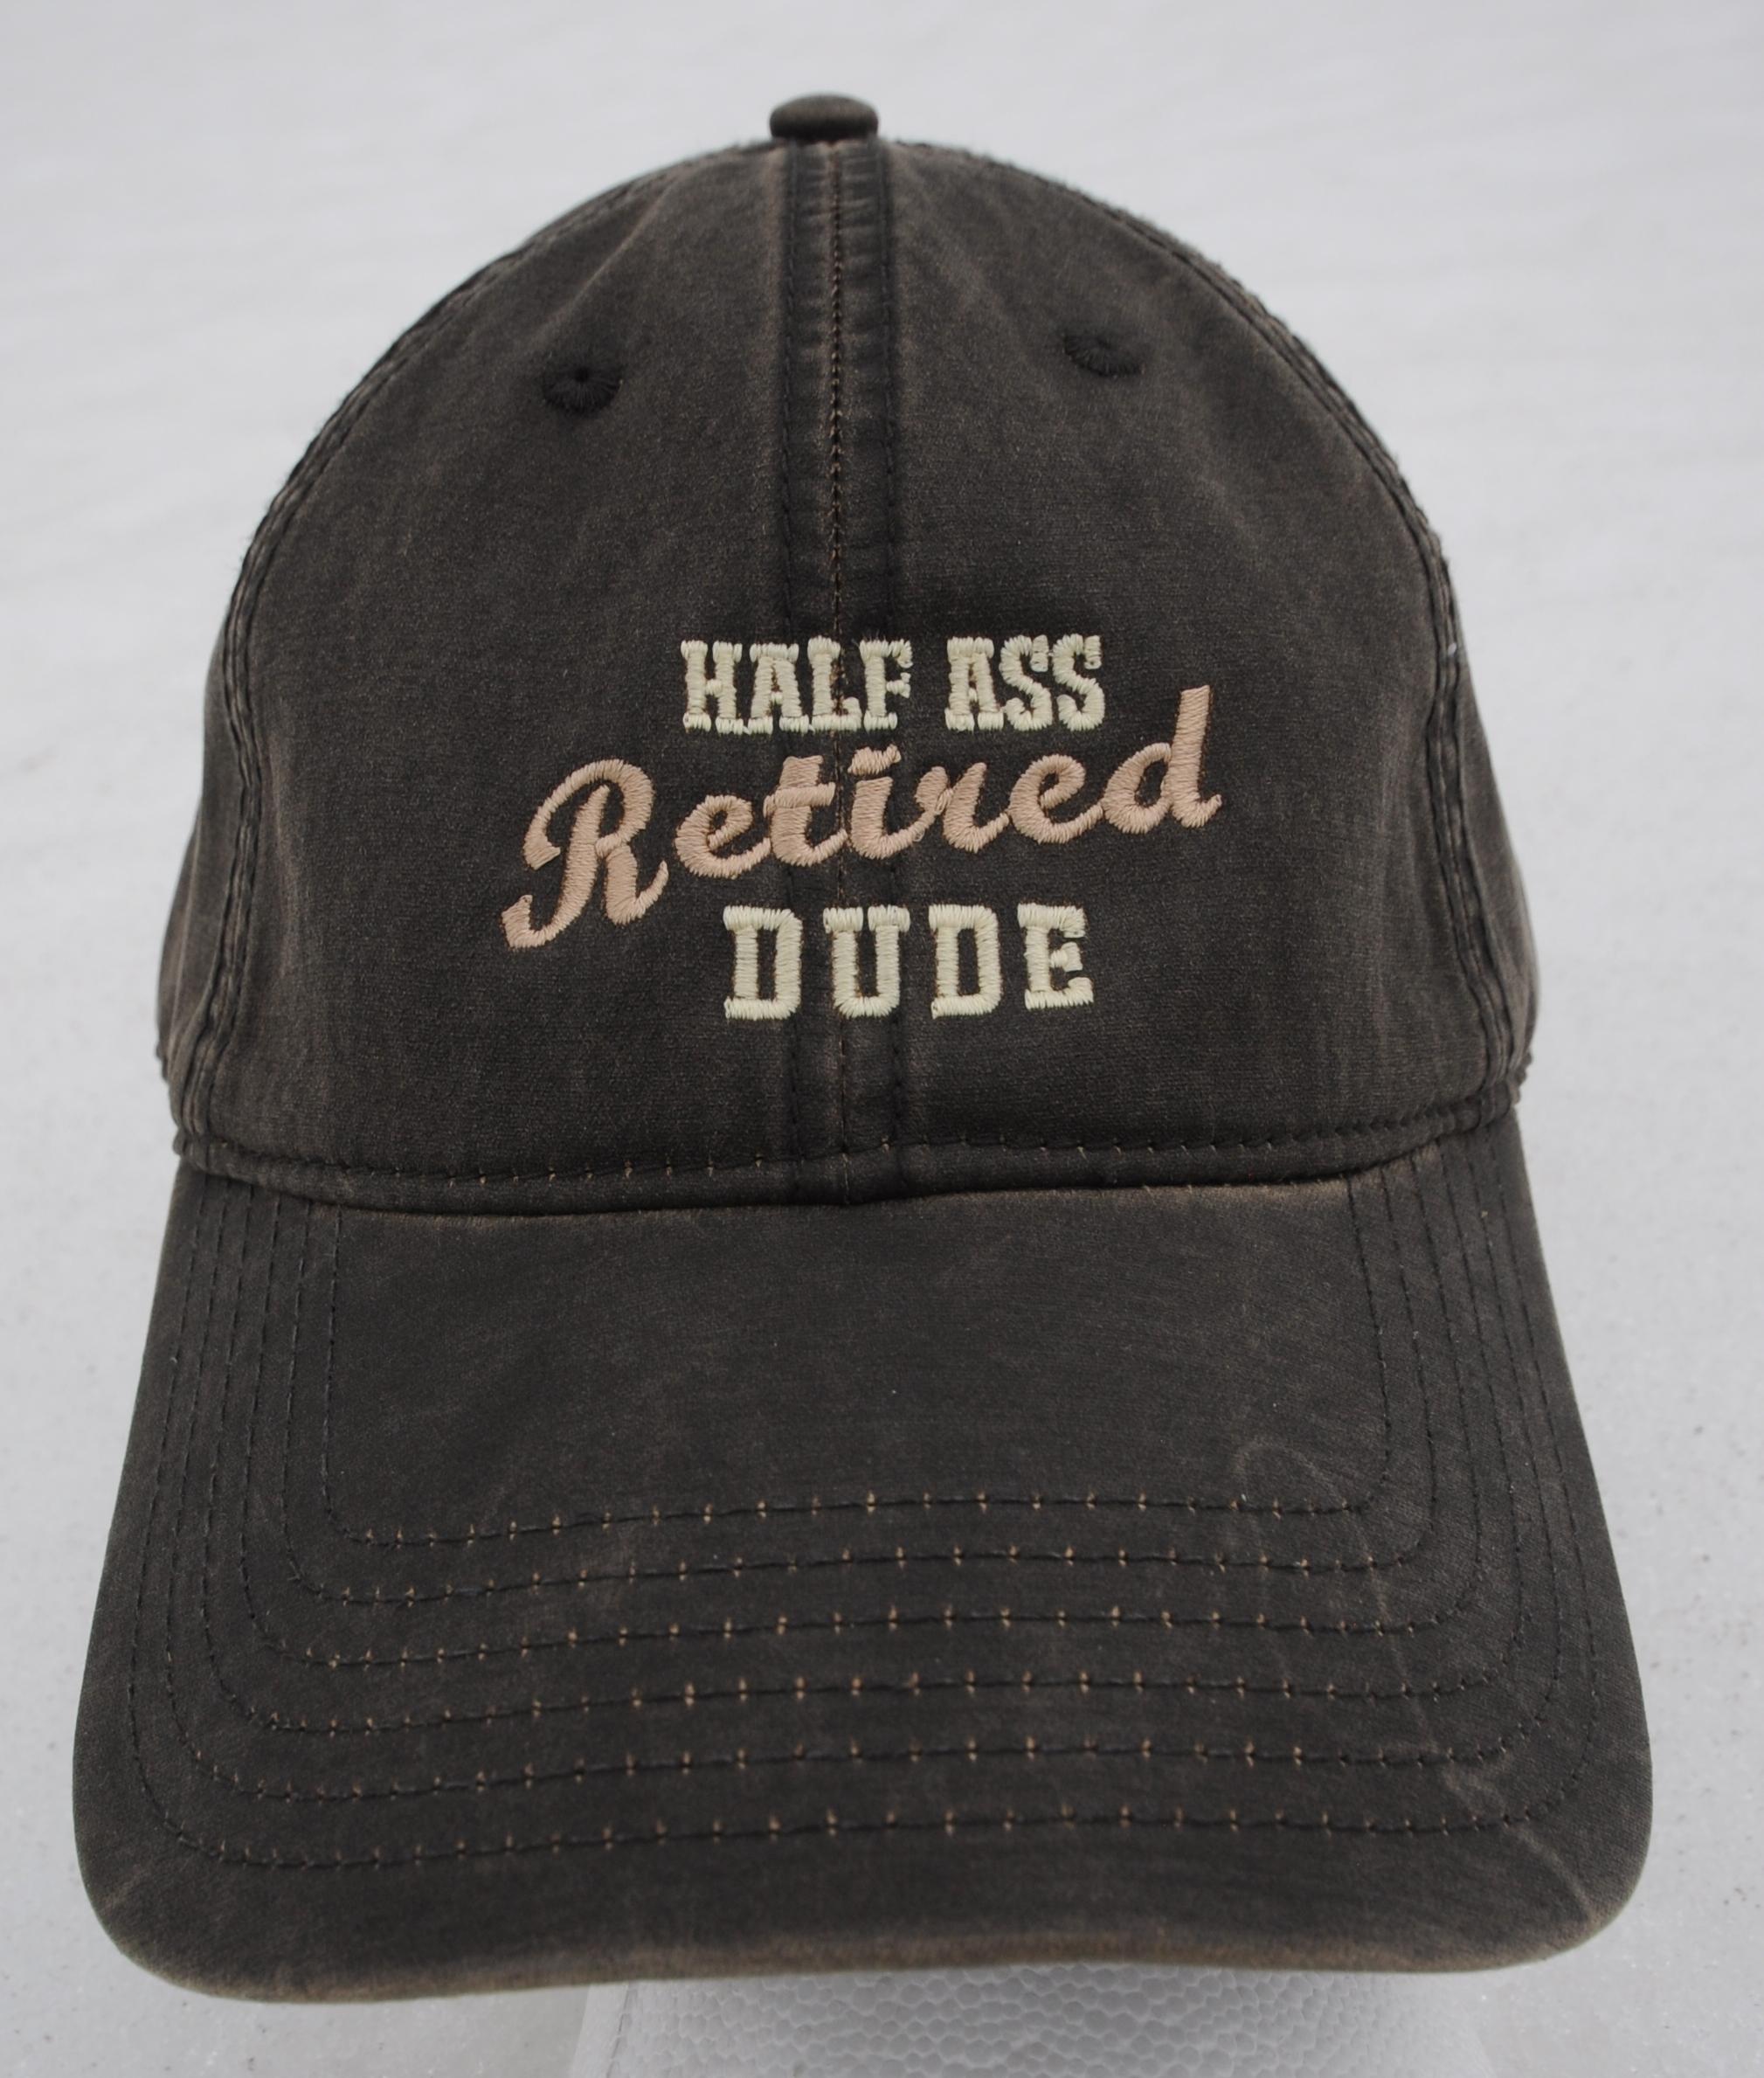 half ass retired dude dark brown hat